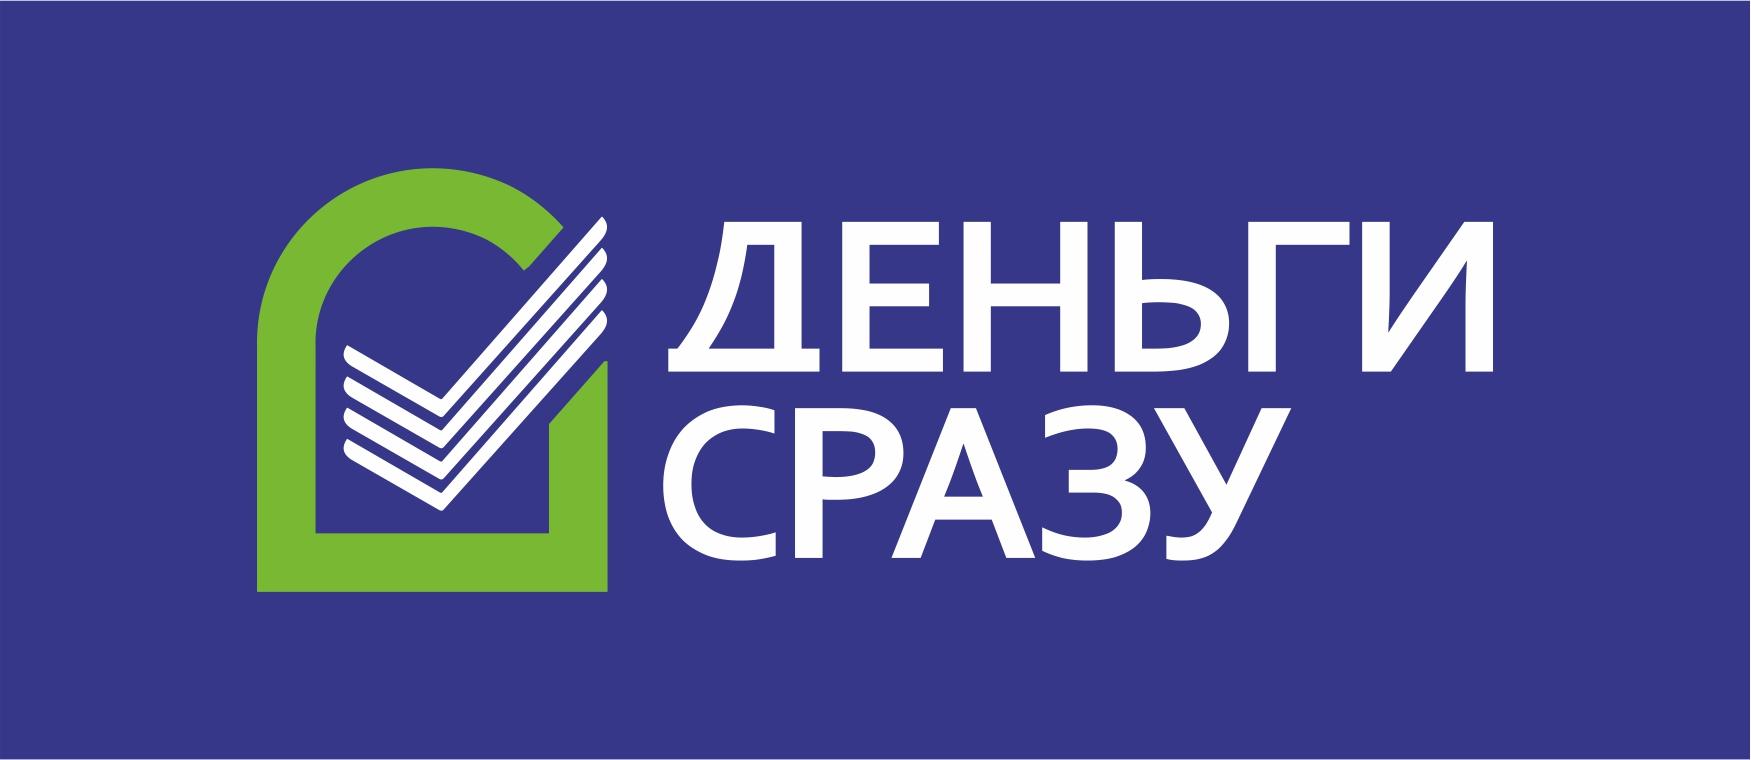 zajmy-dolgosrochnye_29